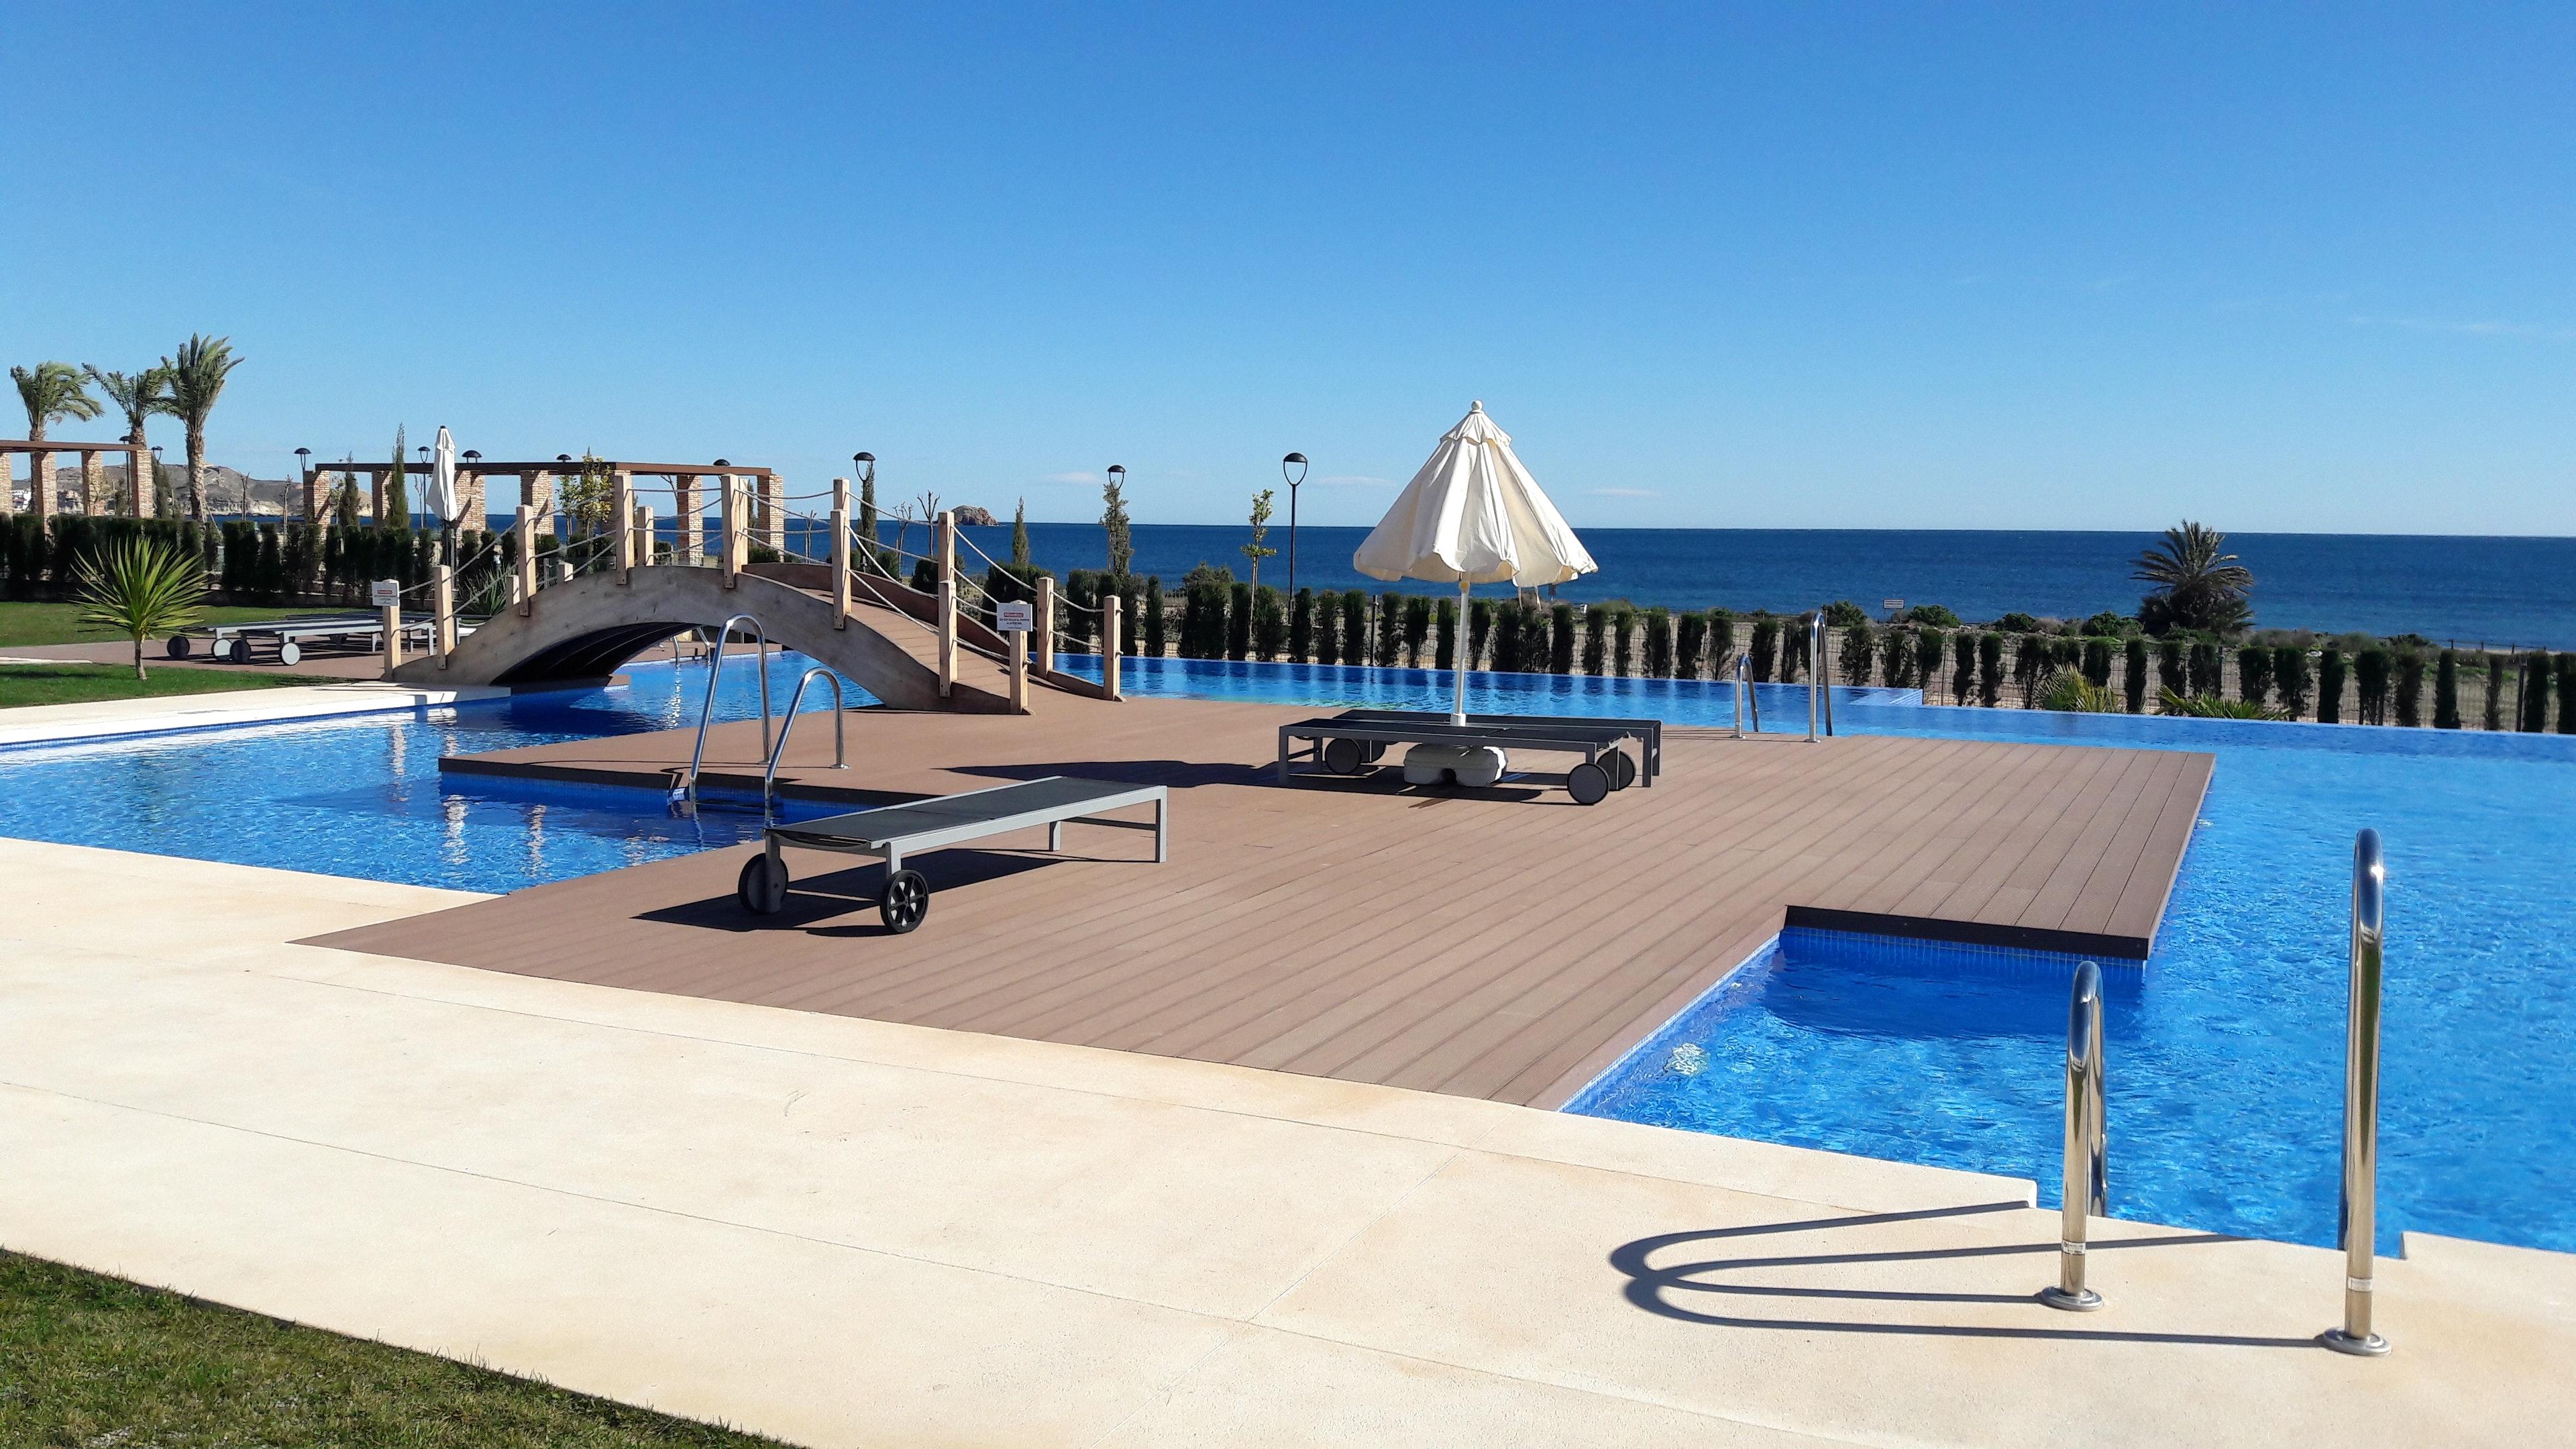 Ferienwohnung Wohnung mit 2 Schlafzimmern in San Juan de los Terreros mit herrlichem Meerblick, Pool, ei (2372661), San Juan de los Terreros, Costa de Almeria, Andalusien, Spanien, Bild 1